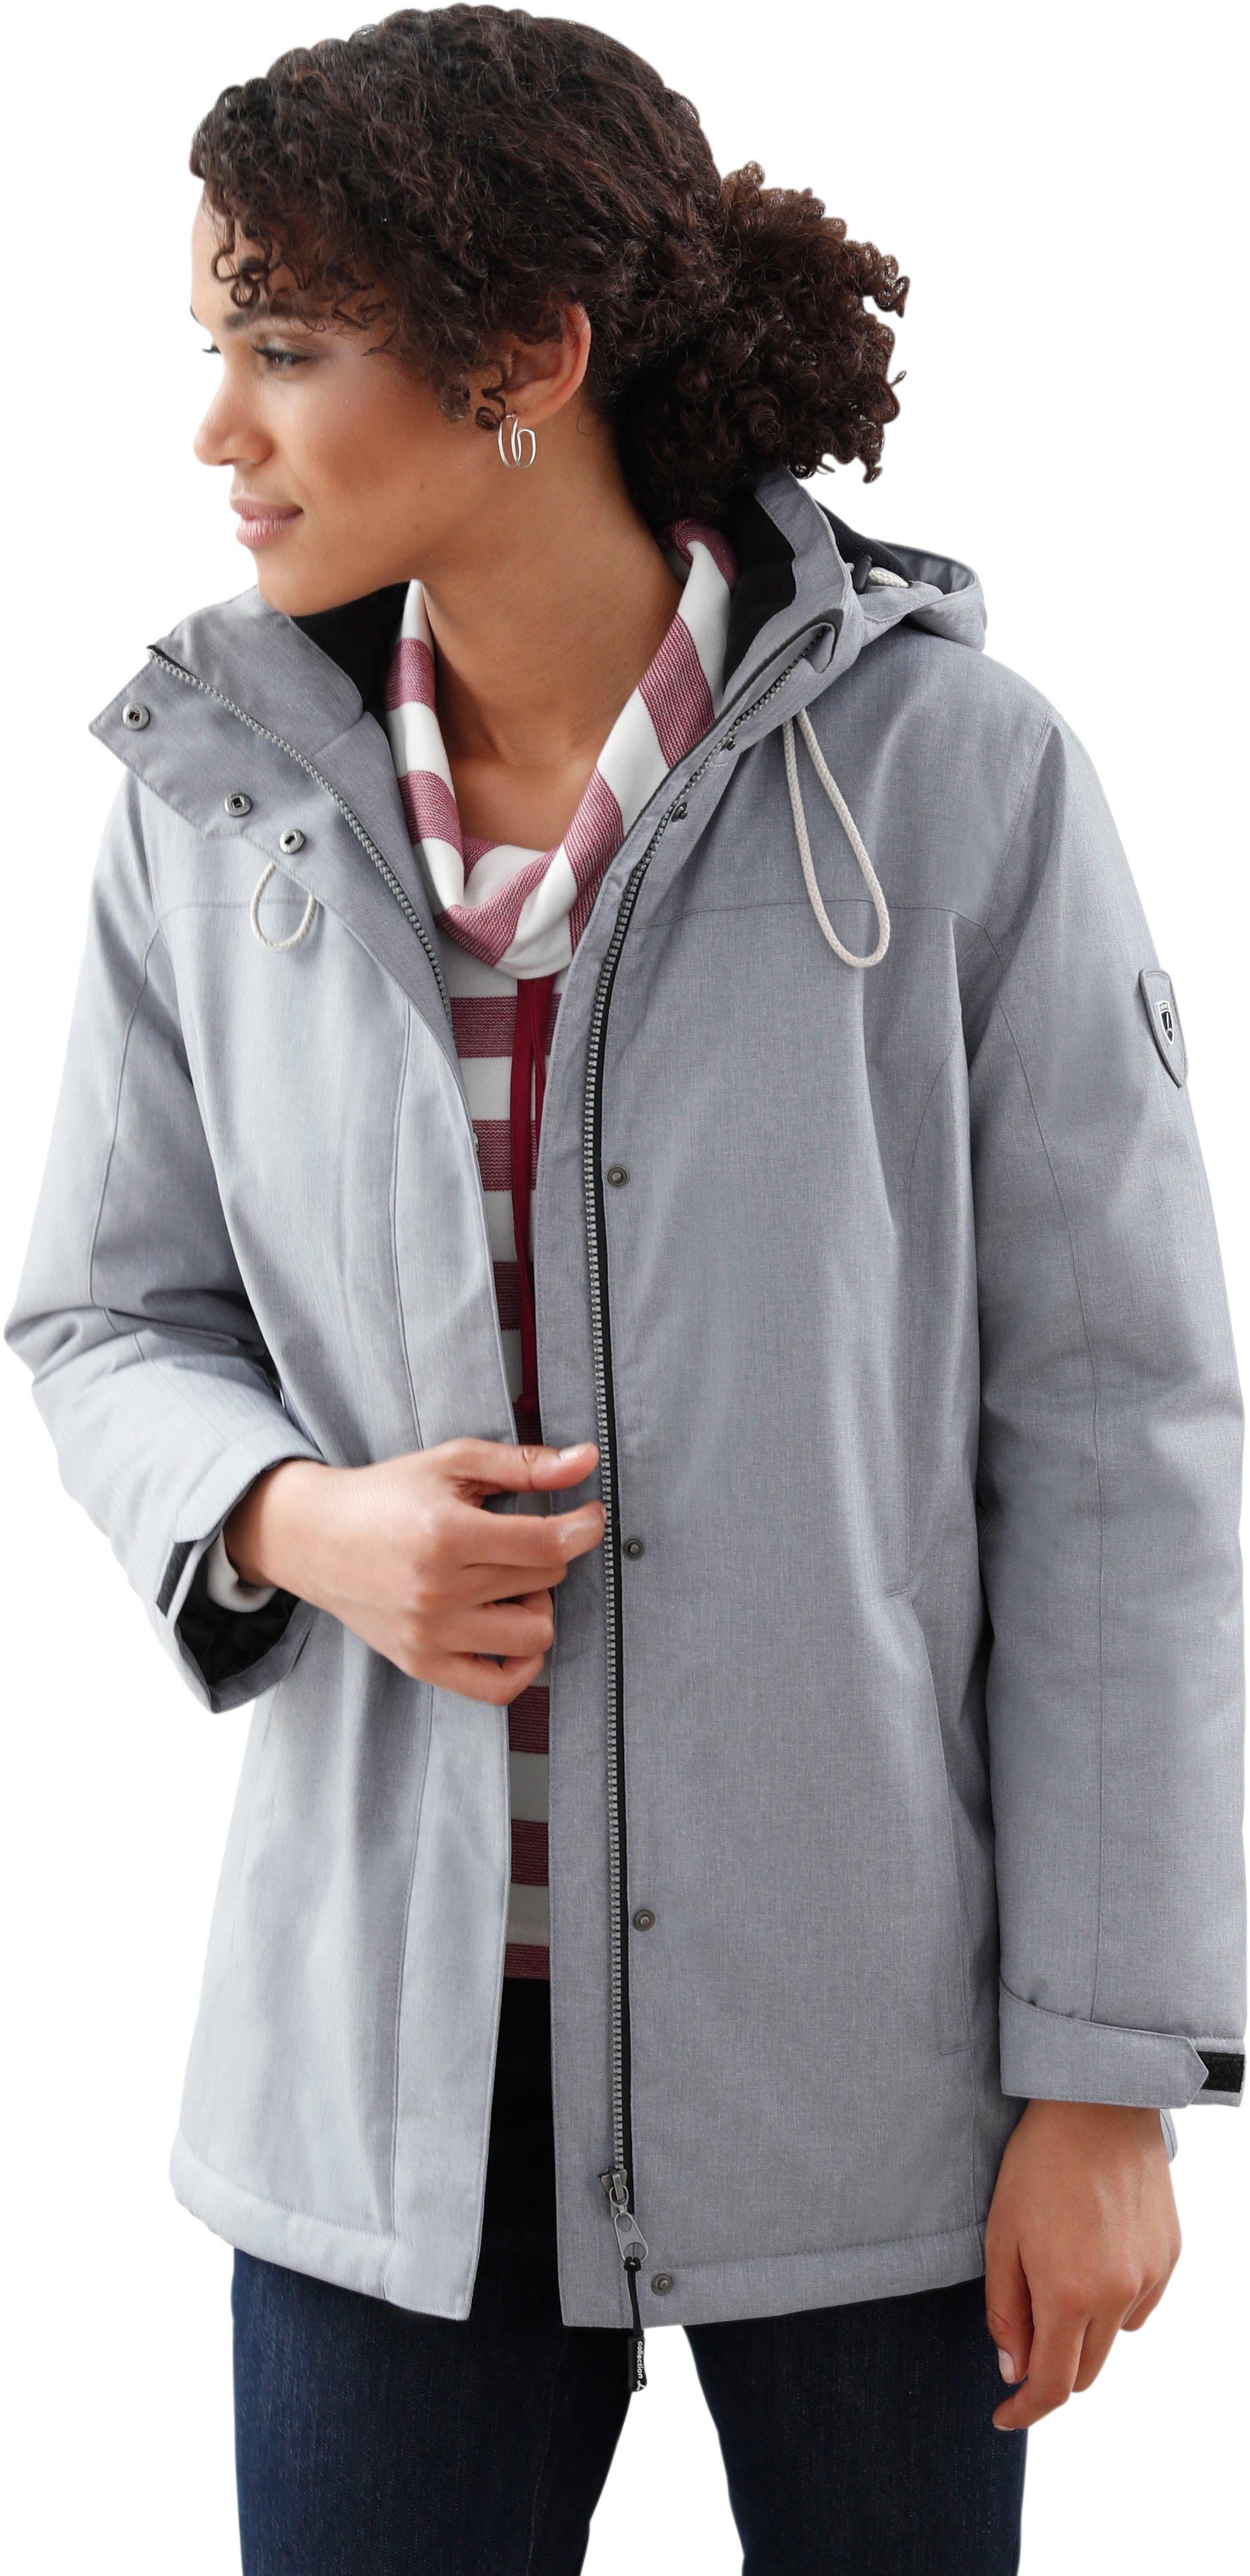 Casual Looks jas met stijlvol visgraatmotief bestellen: 14 dagen bedenktijd